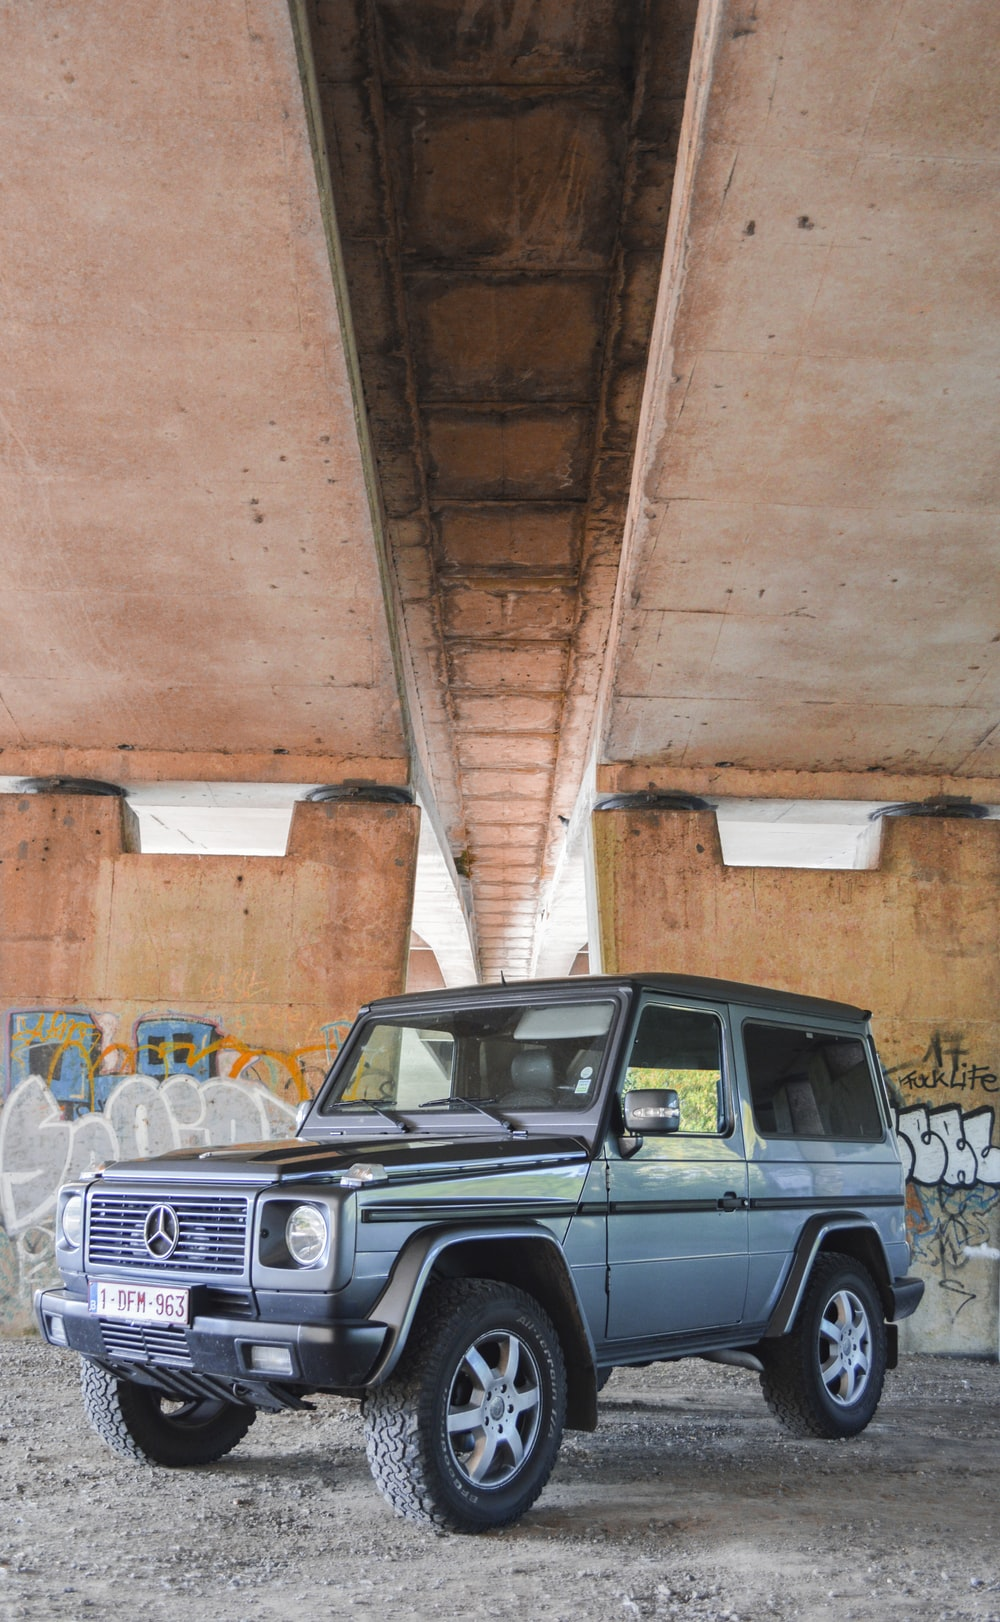 blue and black Mercedes-Benz SUV under bridge during daytime